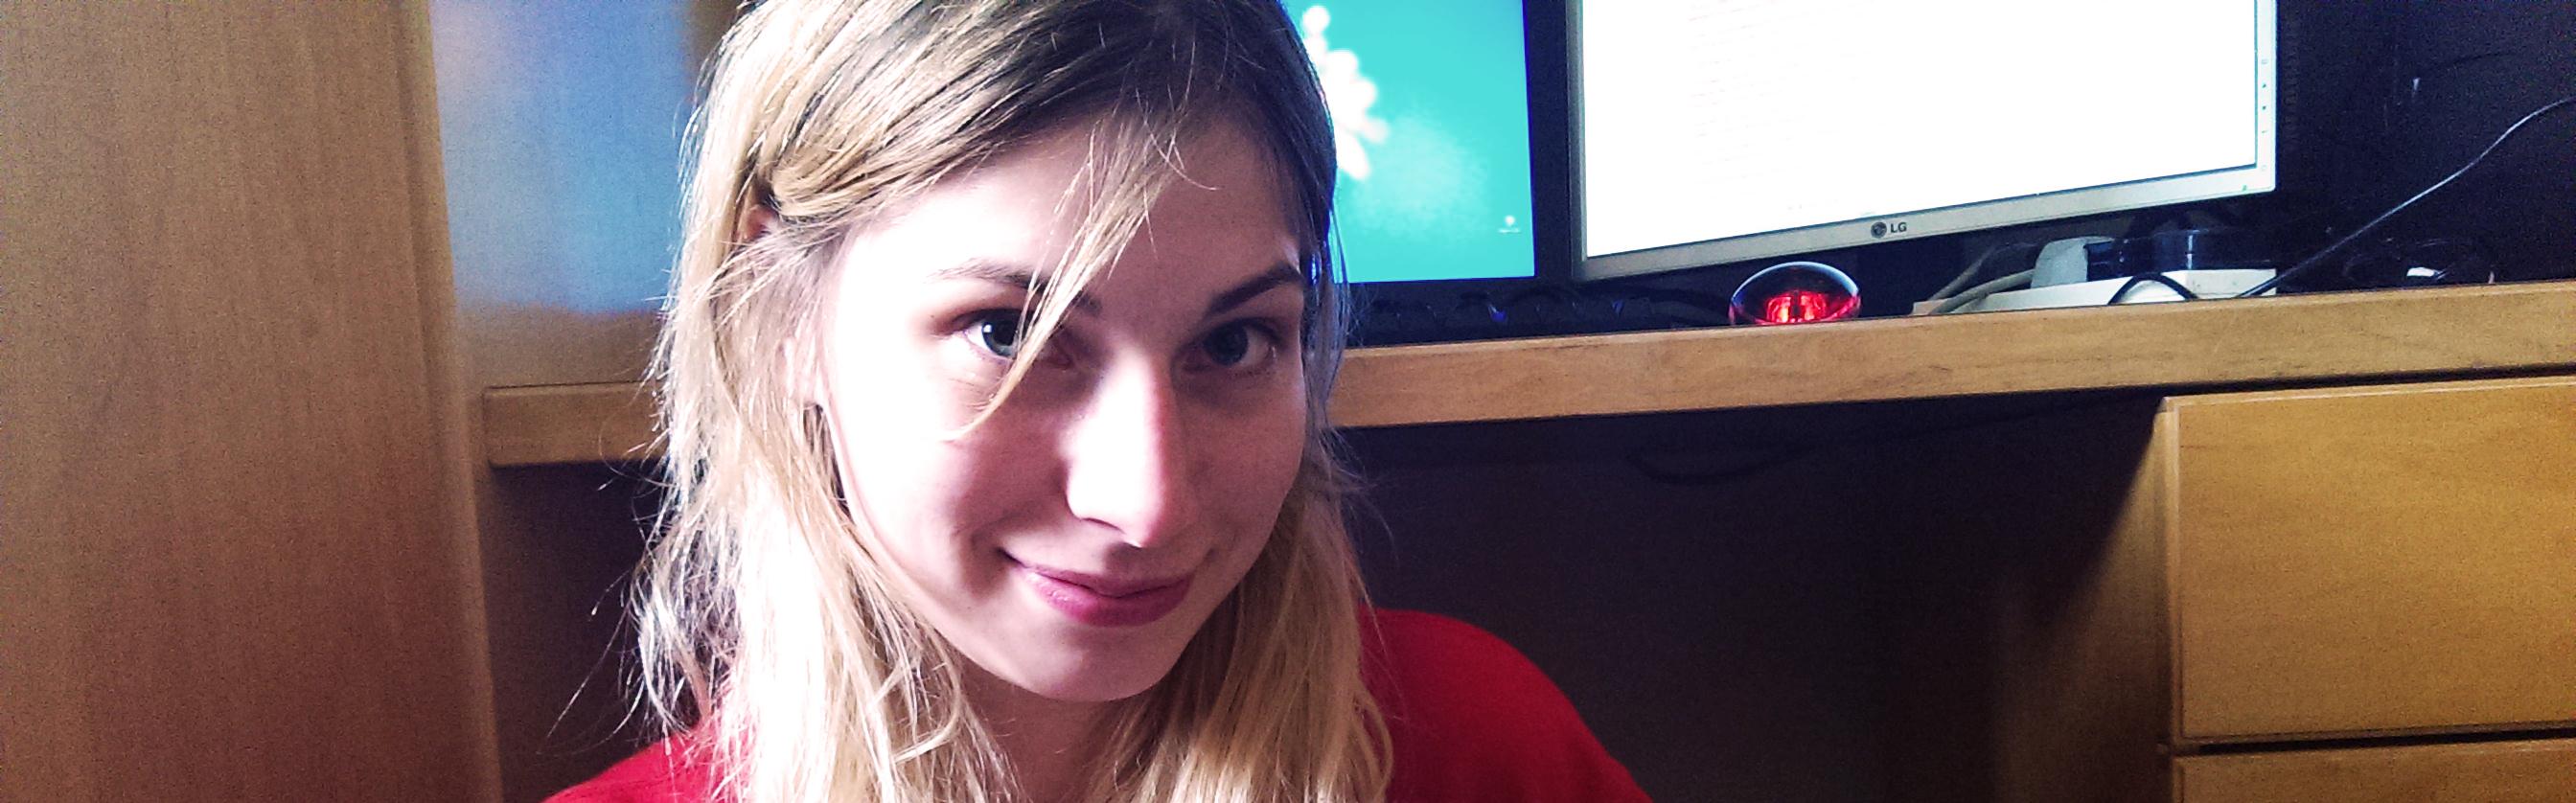 Sevowen's Profile Picture